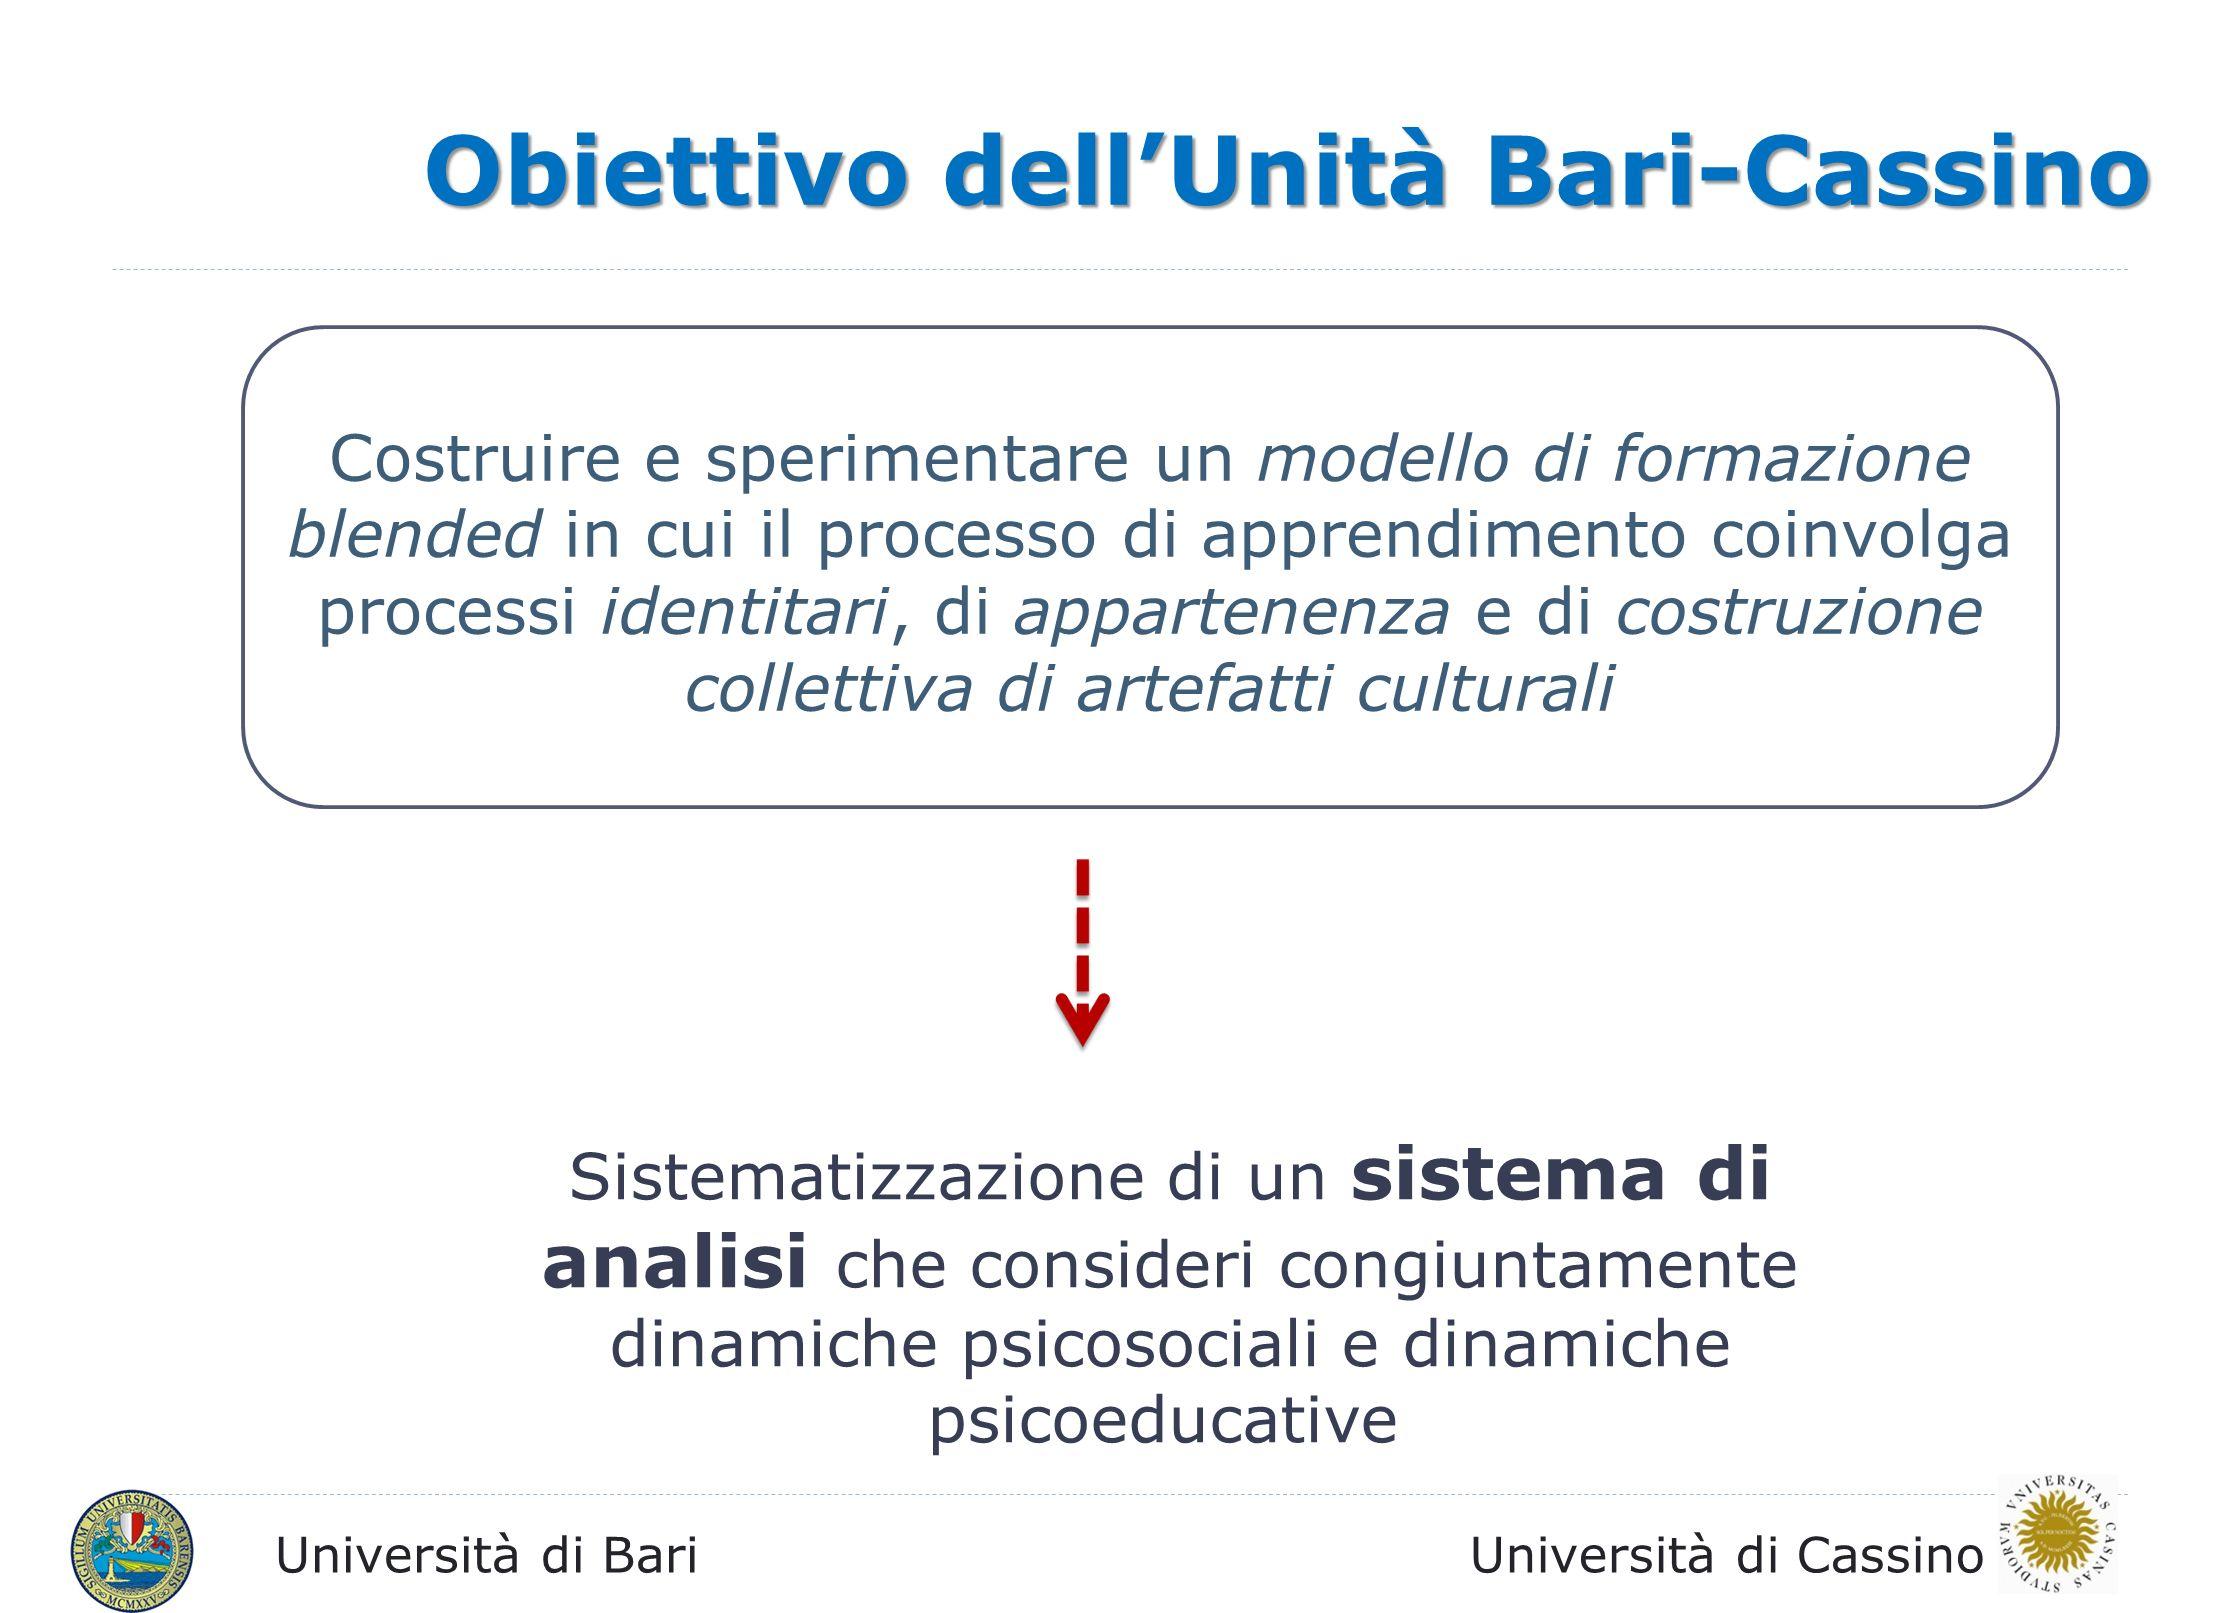 Obiettivo dell'Unità Bari-Cassino